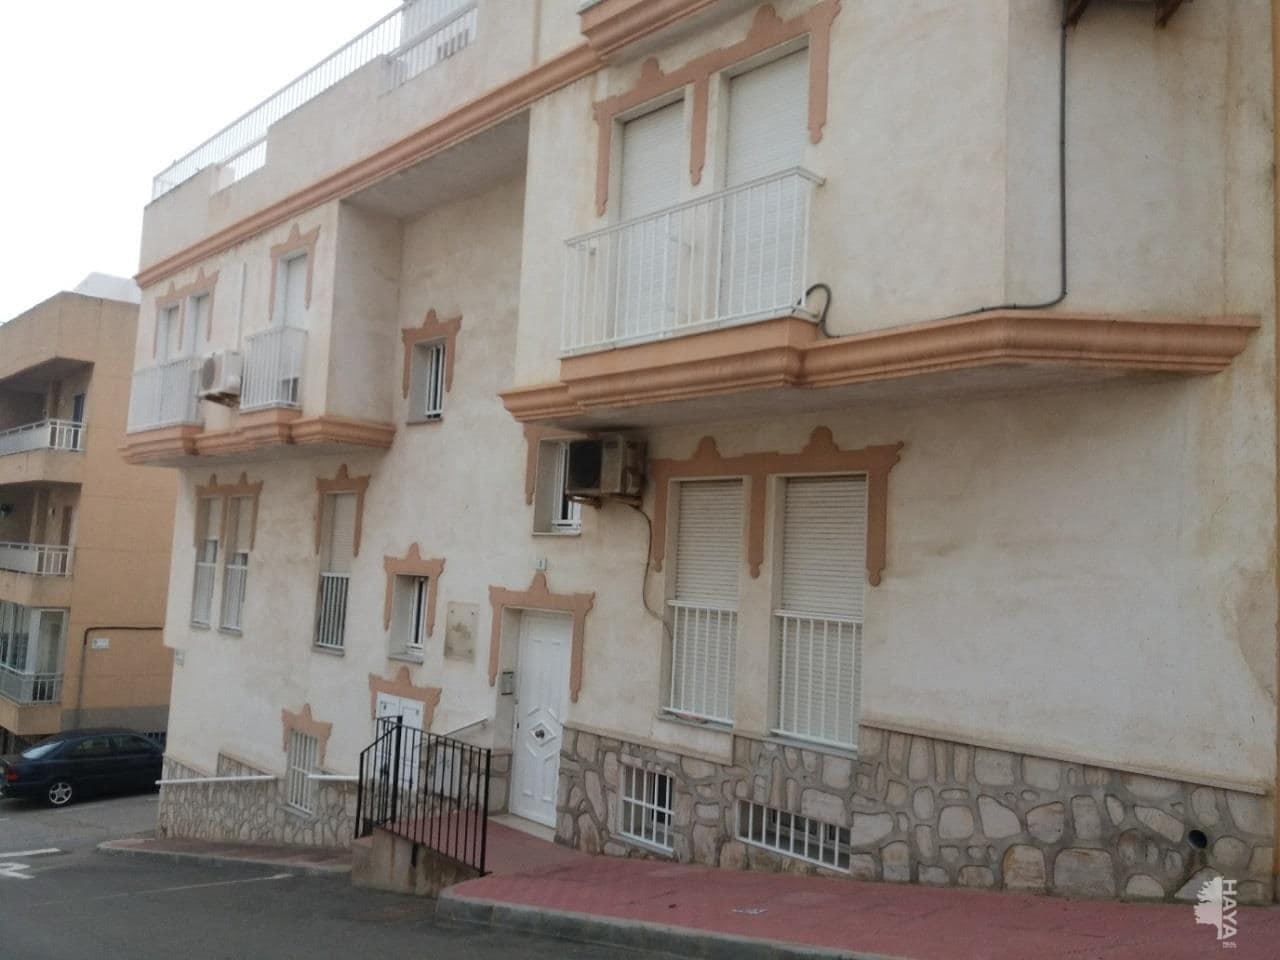 Piso en venta en Garrucha, Garrucha, Almería, Calle Rivera, 119.032 €, 3 habitaciones, 1 baño, 105 m2